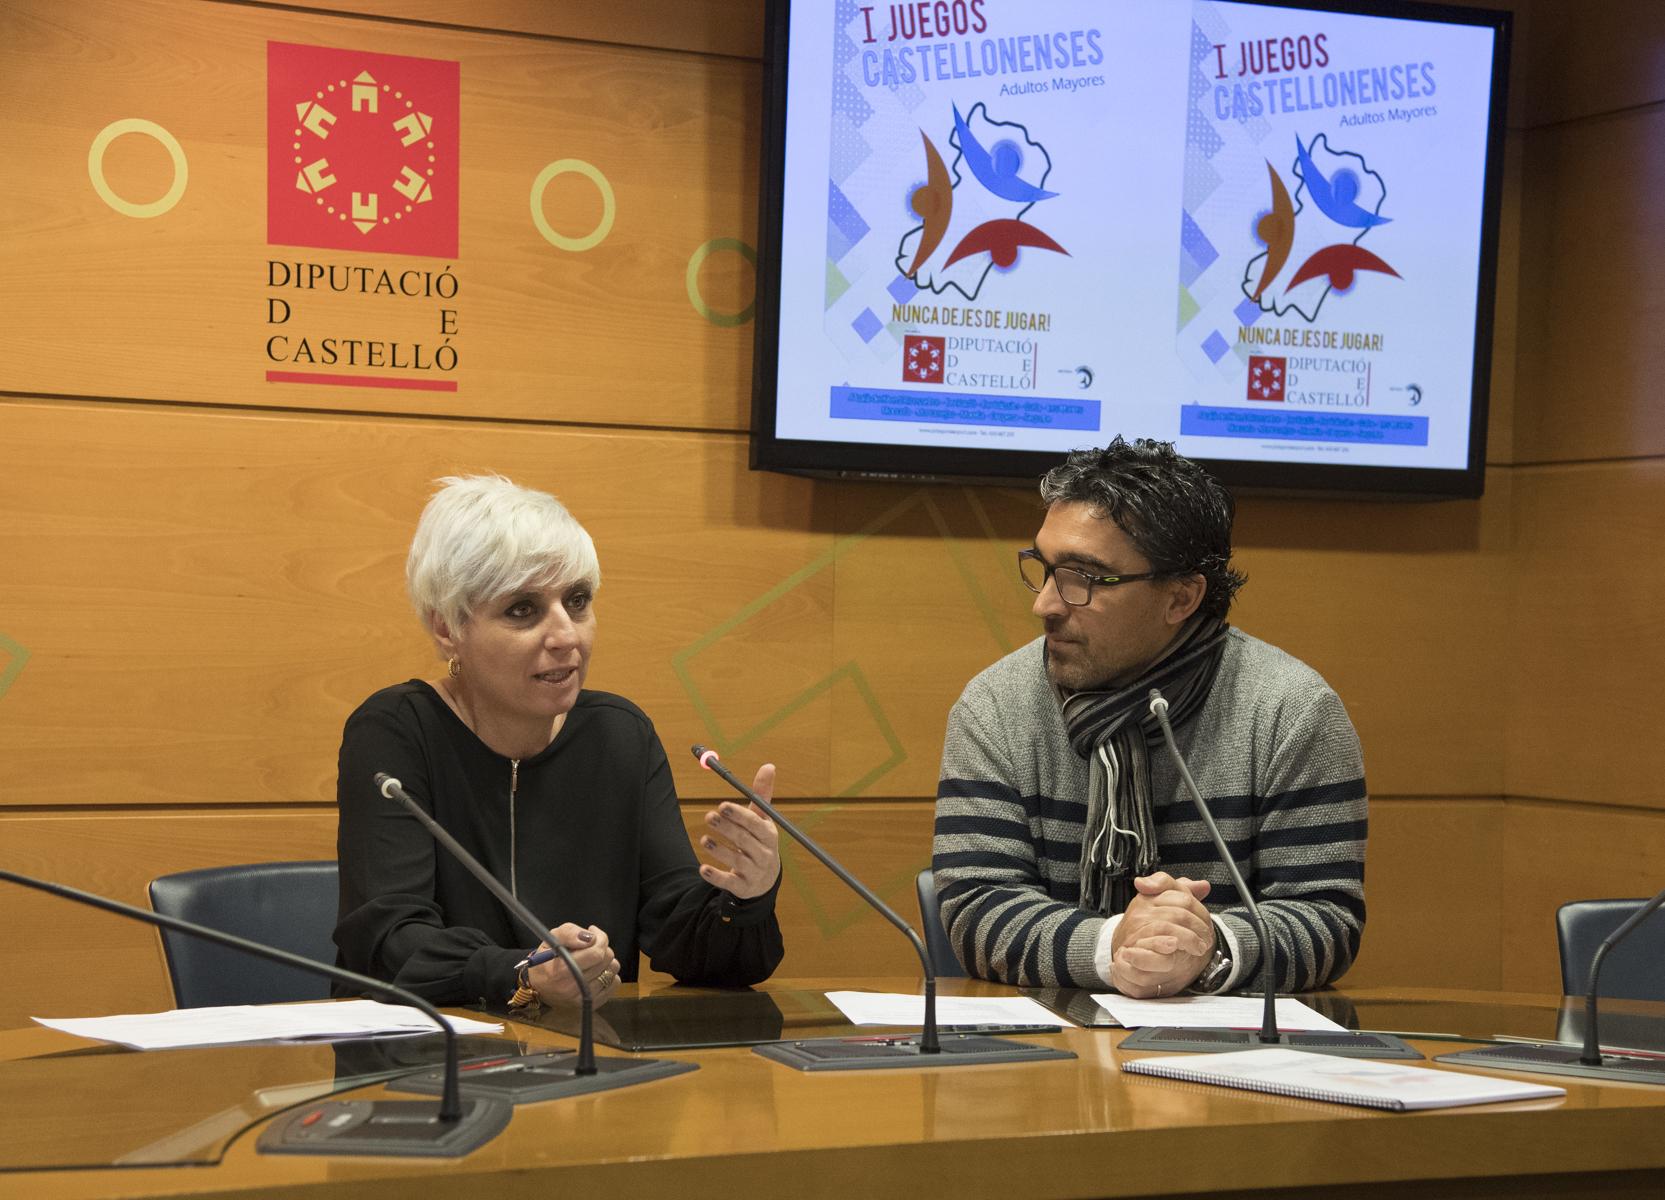 La Diputació organitzarà els 1es Jocs Castellonencs d'Adults Majors